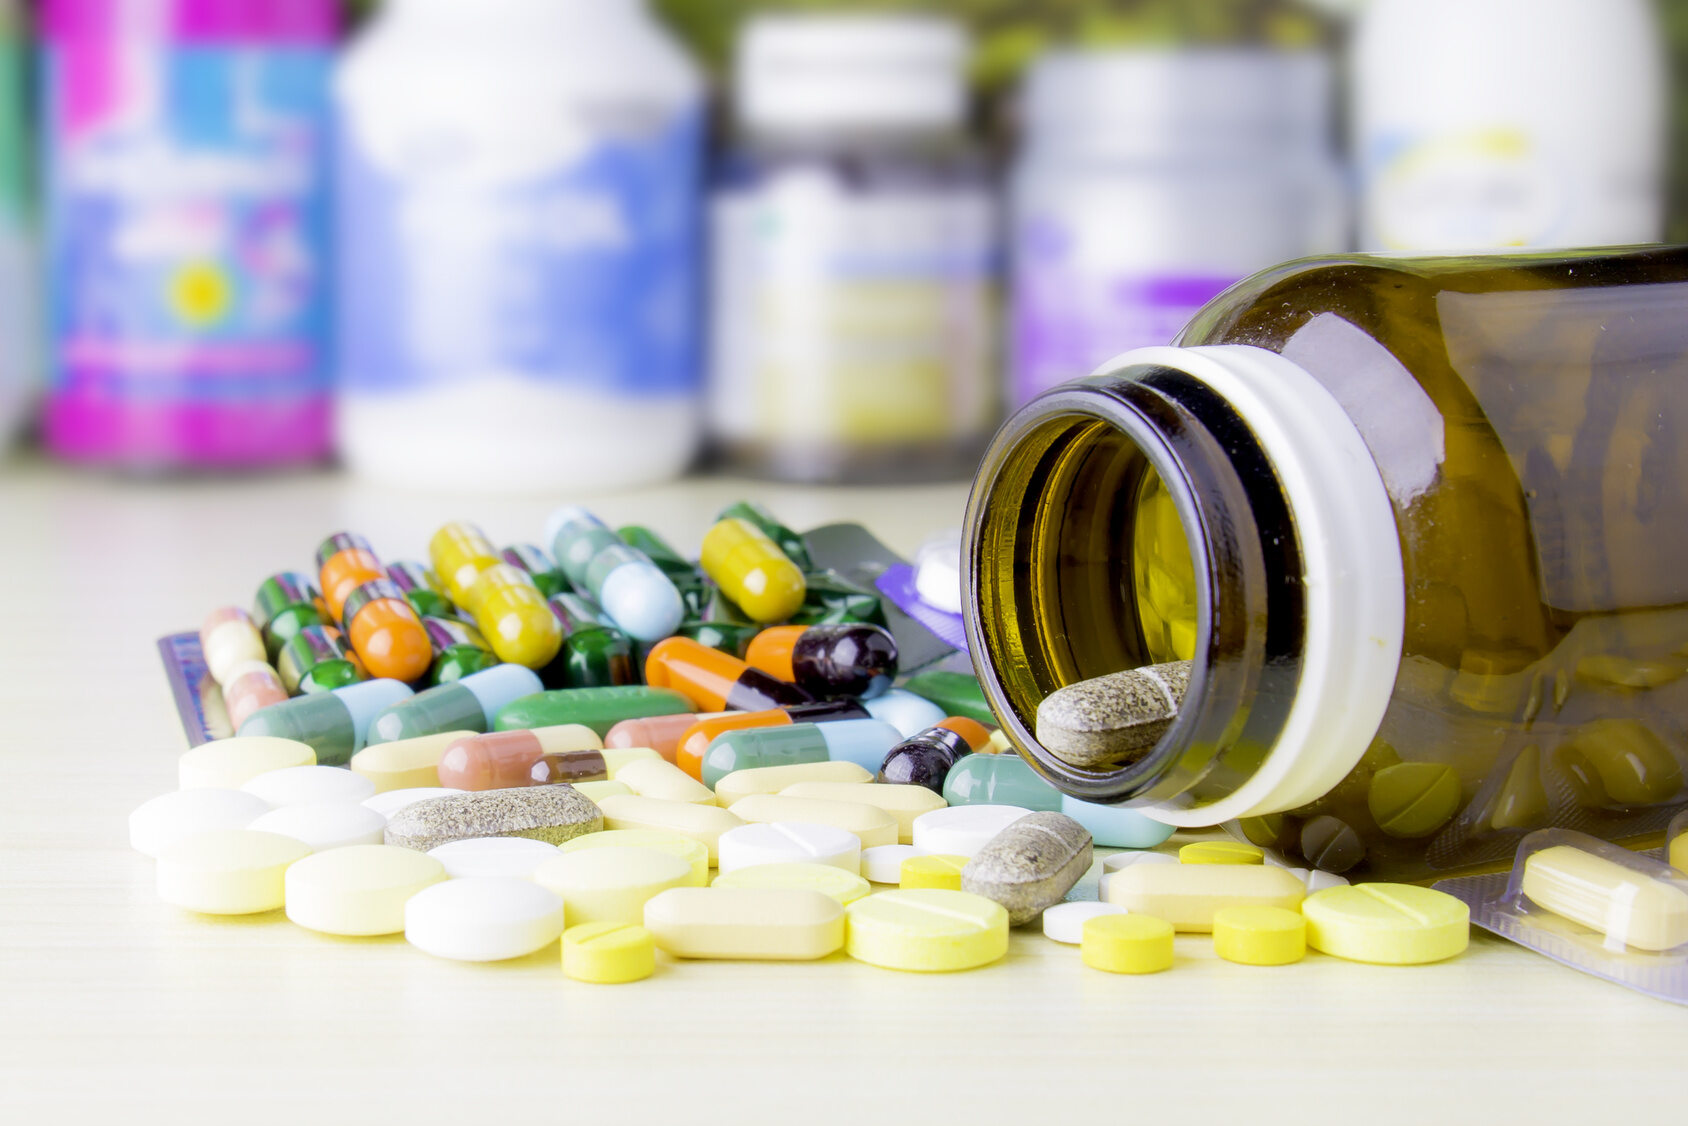 Czy leki na potencje można przyjmować bezpiecznie?